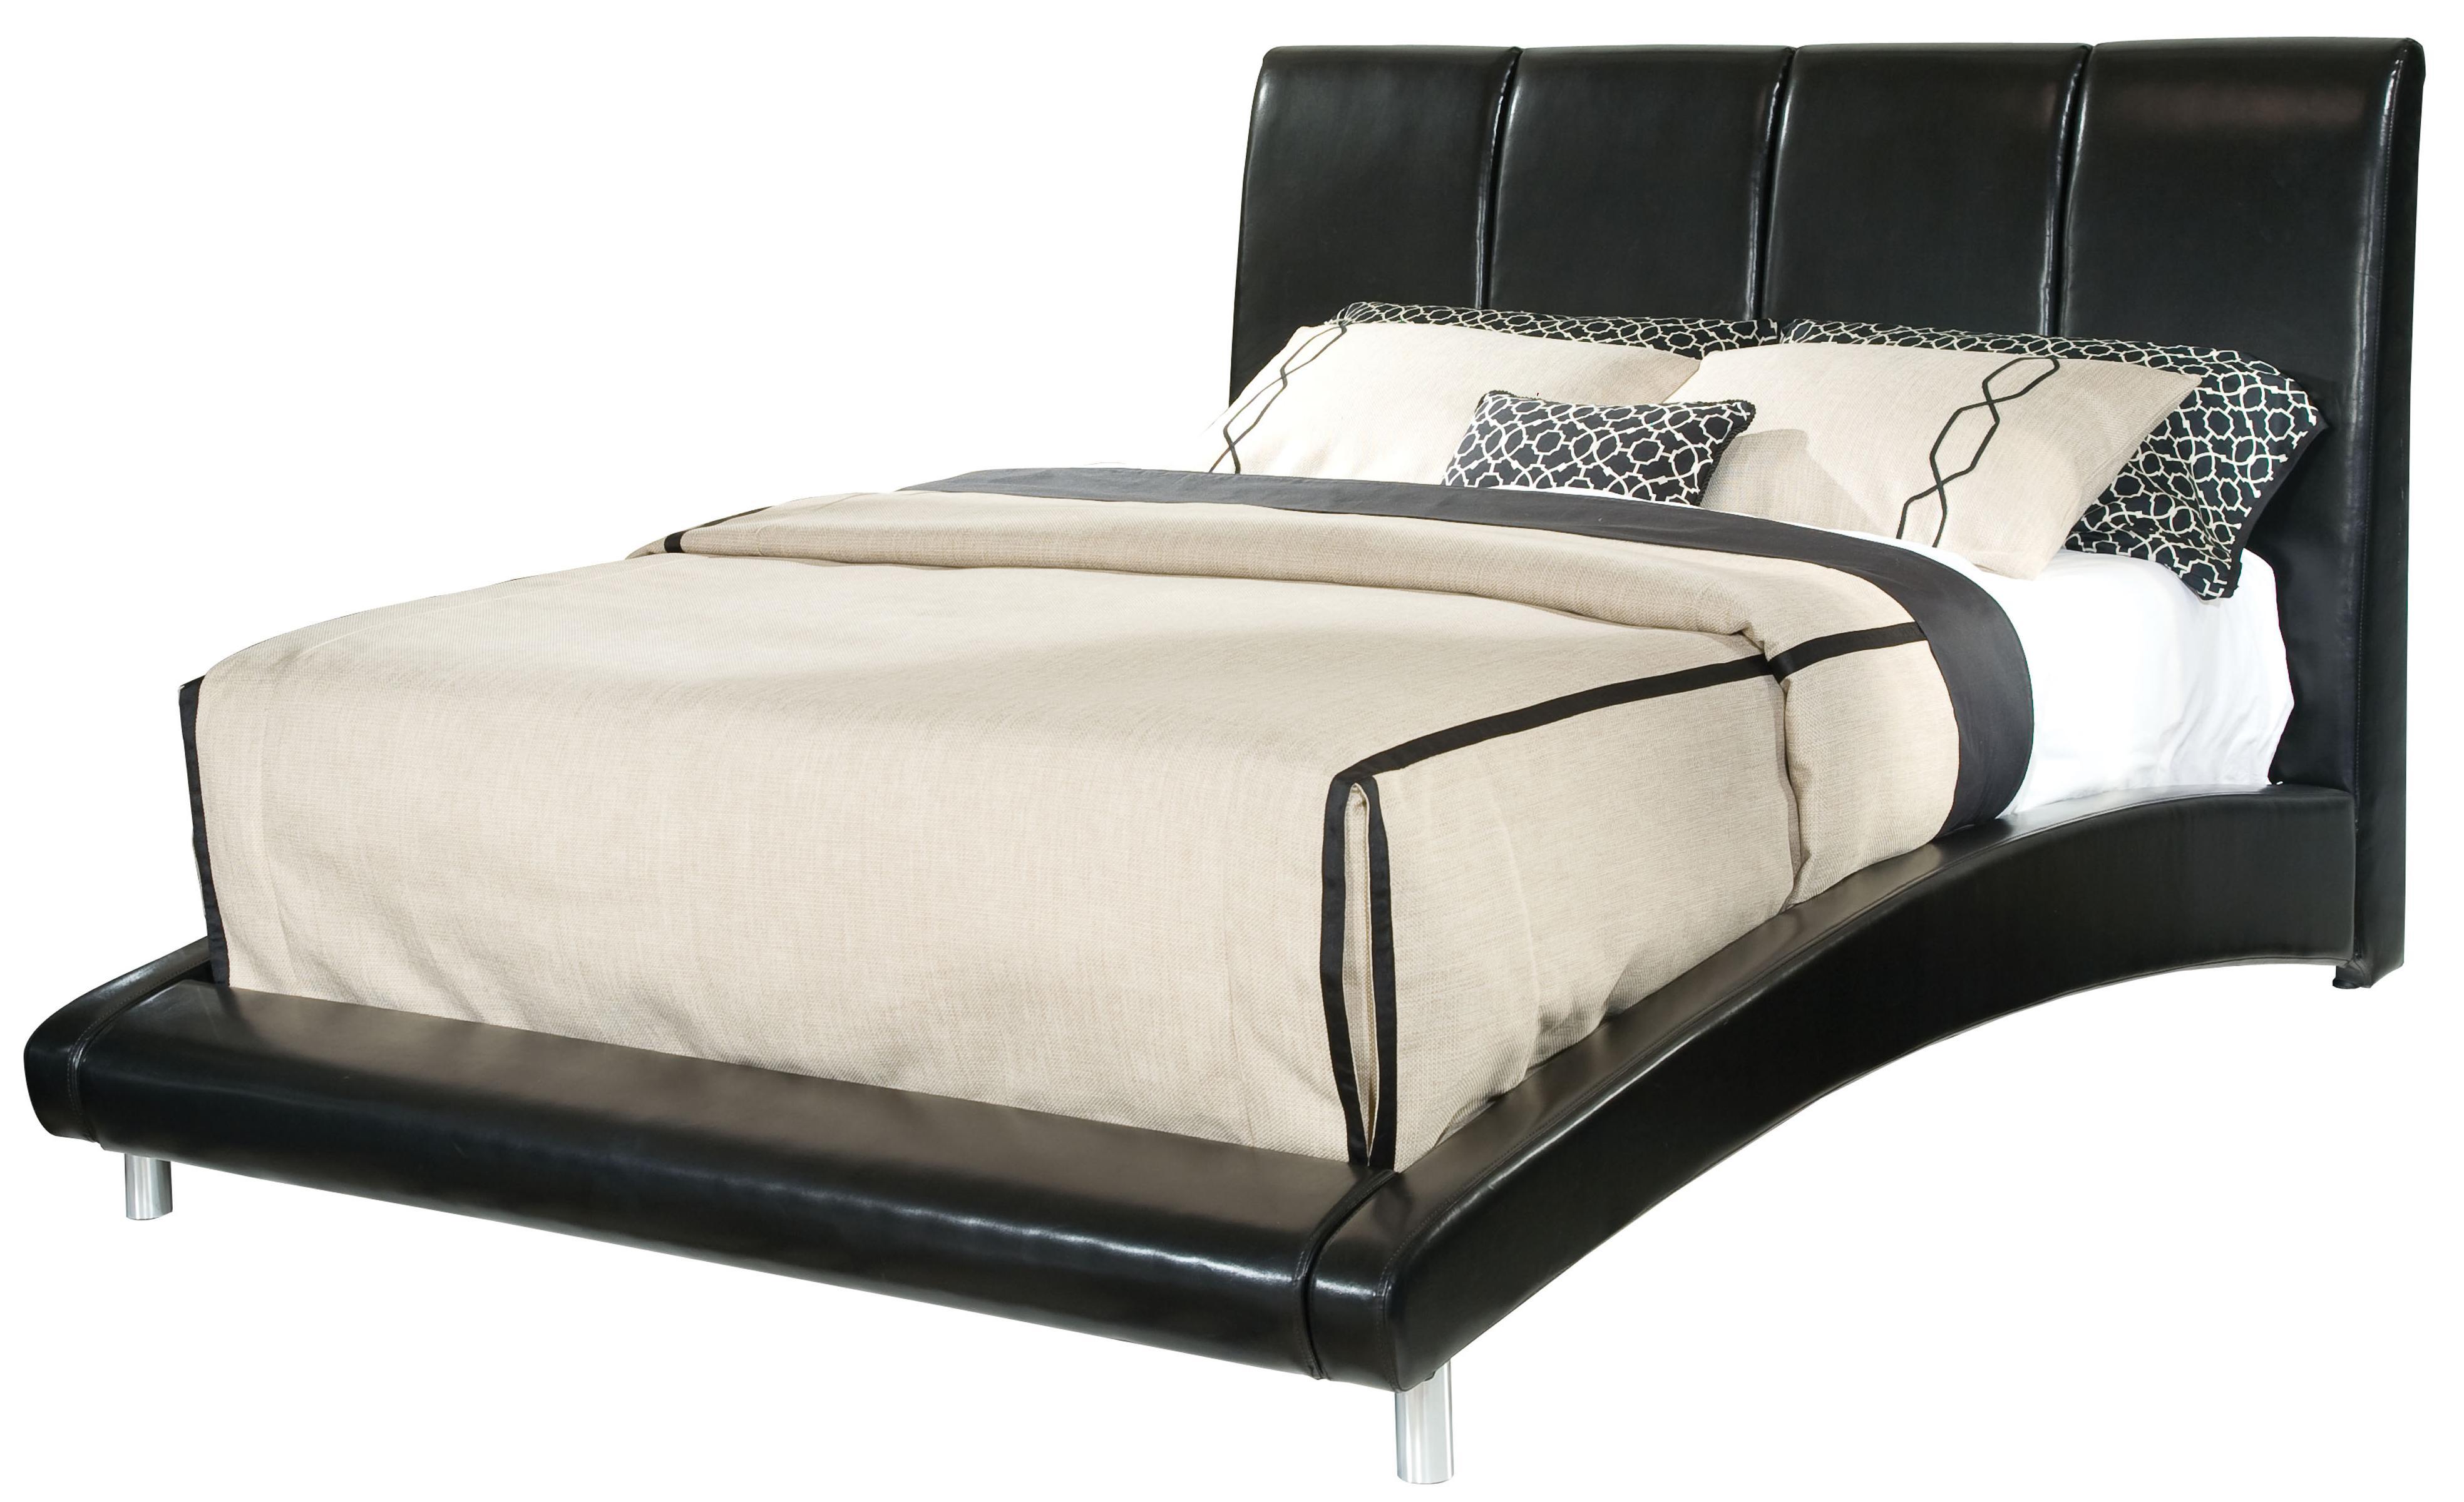 Standard Furniture Moderno King Upholstered Platform Bed  - Item Number: 99511+12